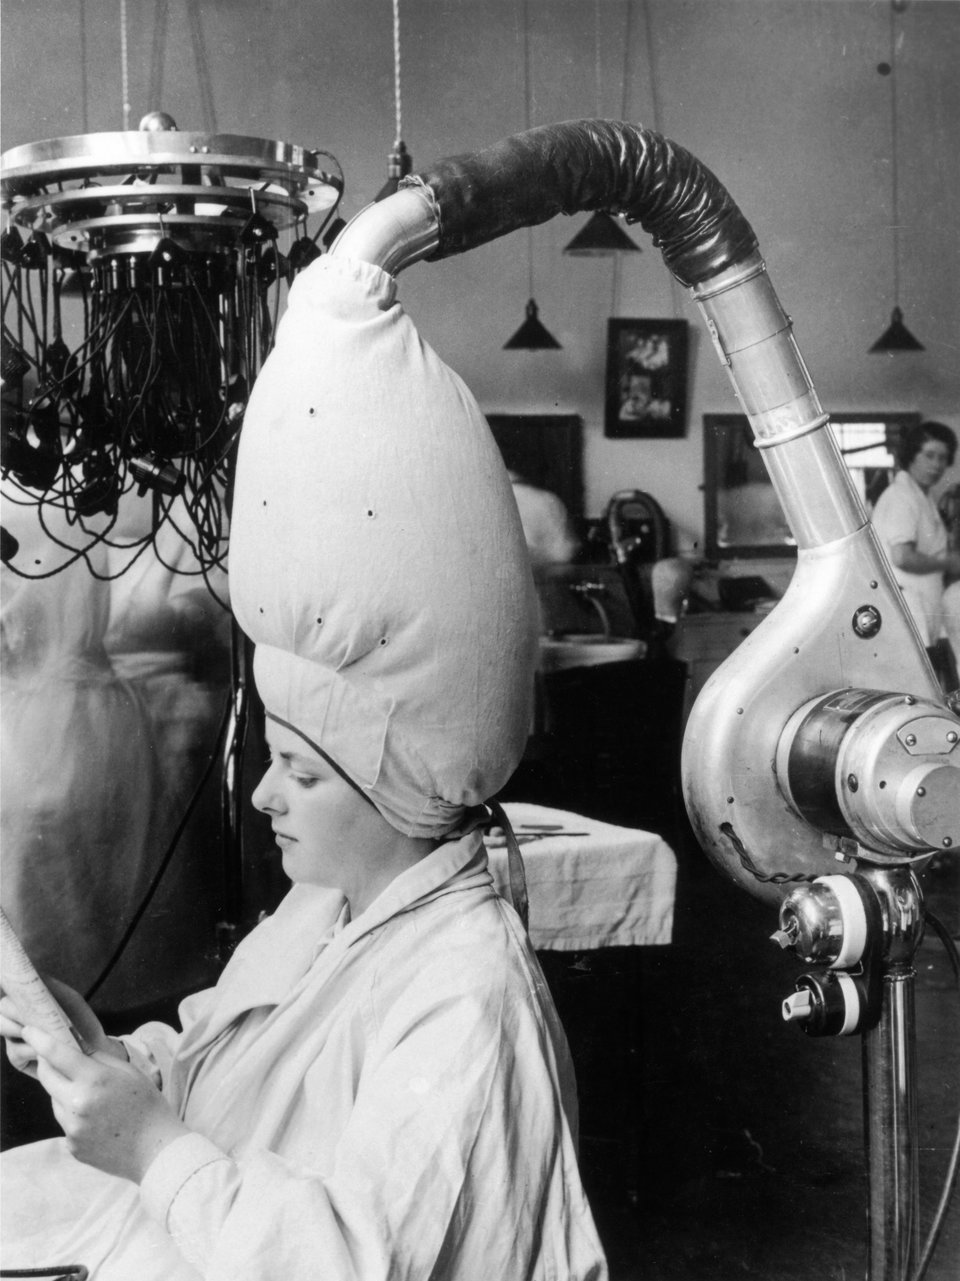 20個第一次出現在人類眼前的「100年前電子產品」 以前的冰箱真的用「冰塊」在冷凍食物!